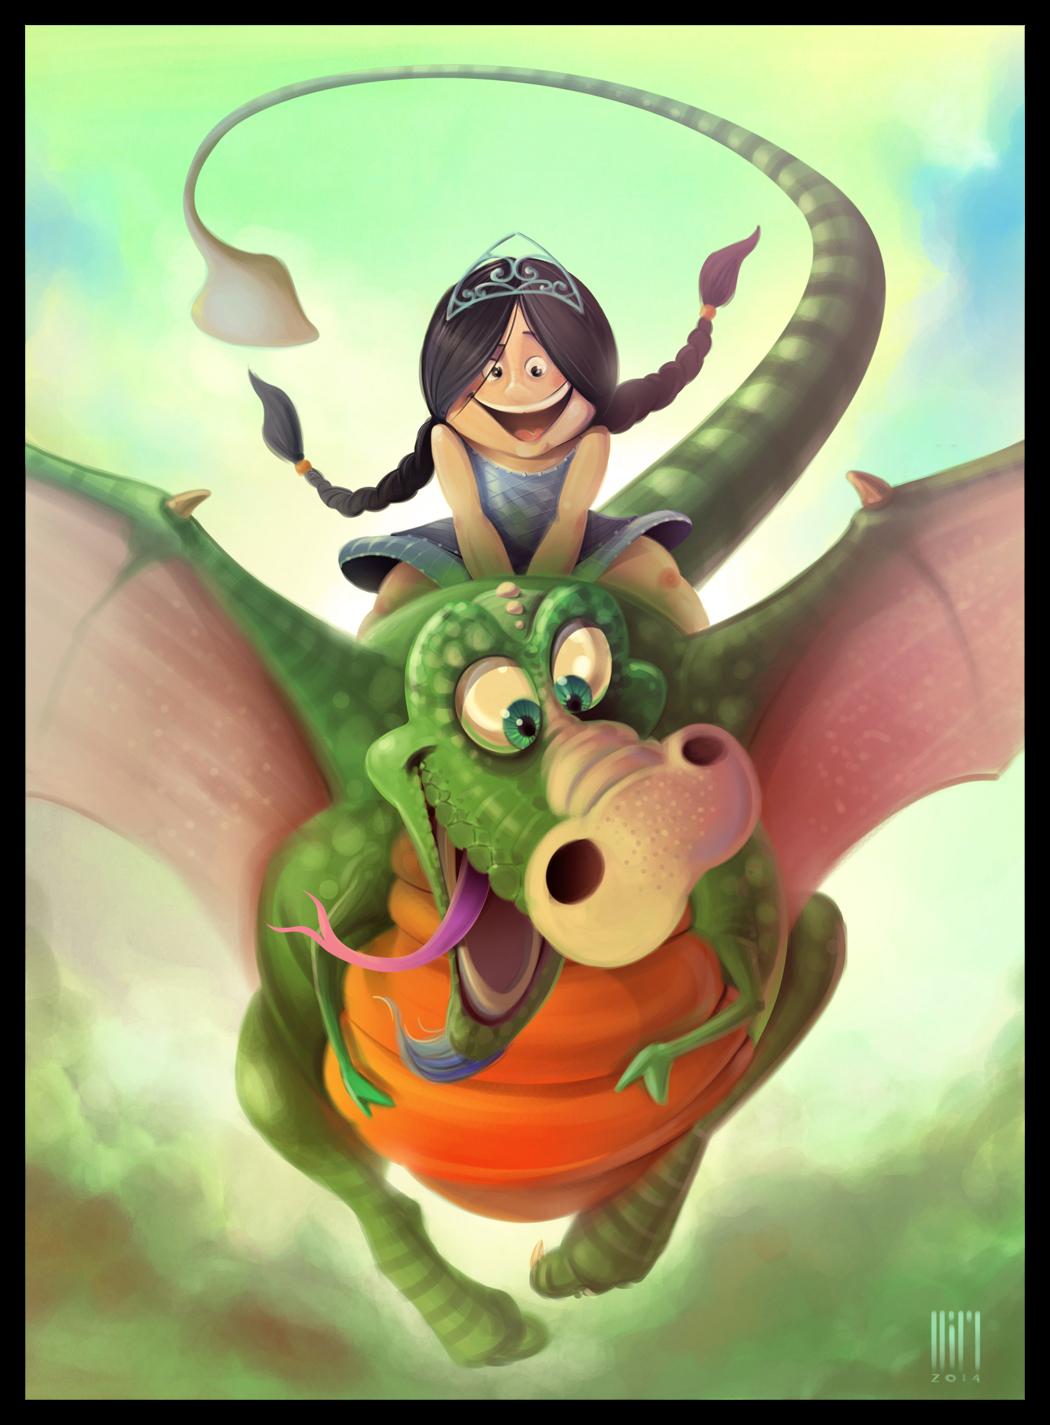 Смешные картинки драконов девочек, добрый день